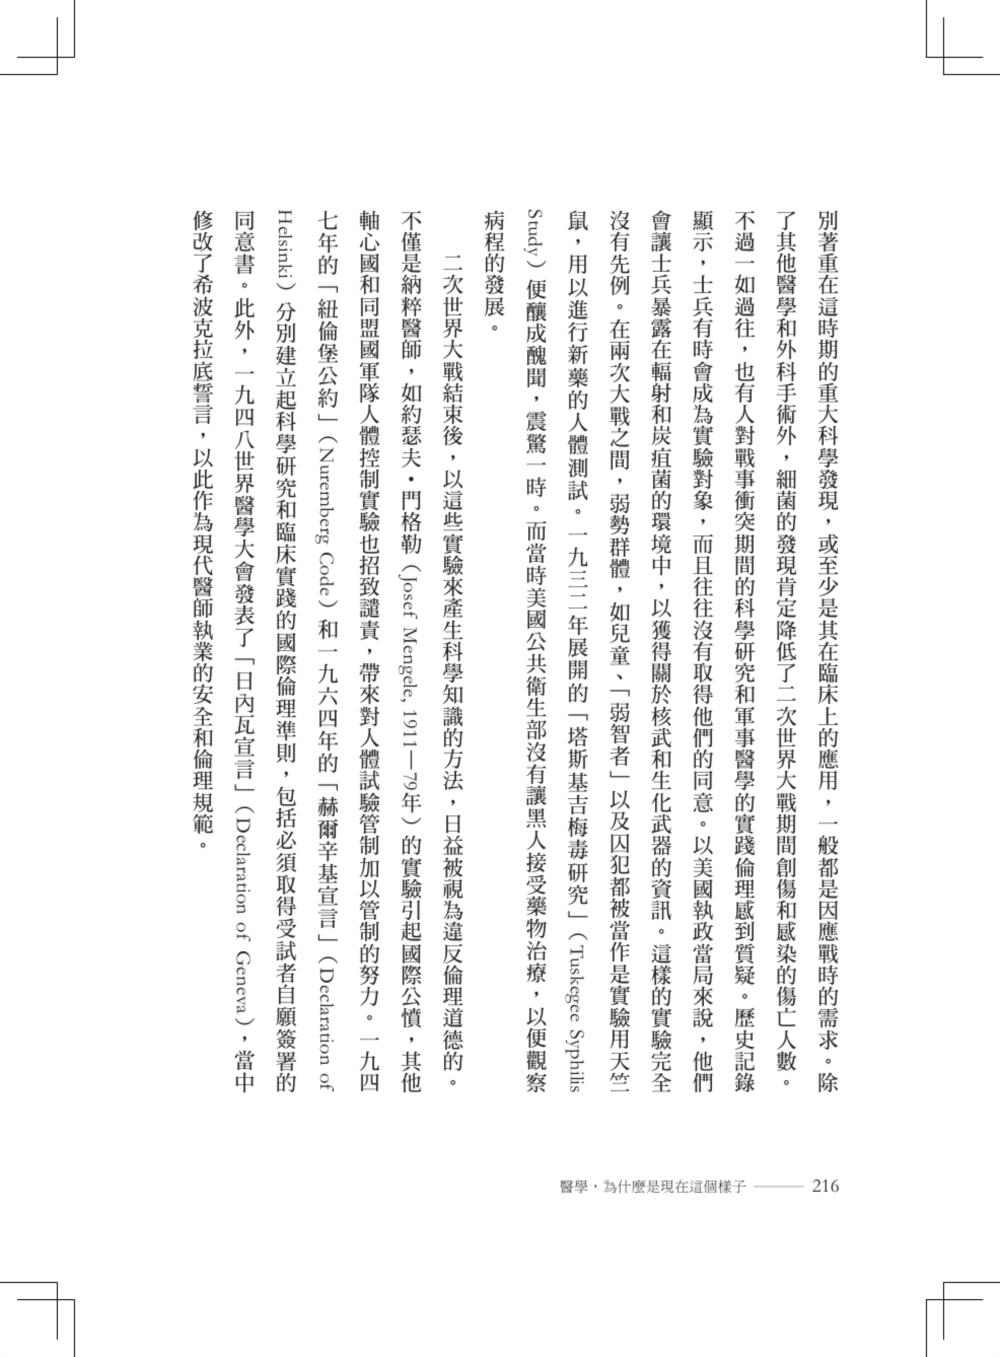 http://im1.book.com.tw/image/getImage?i=http://www.books.com.tw/img/001/072/55/0010725528_b_12.jpg&v=57c3d691&w=655&h=609